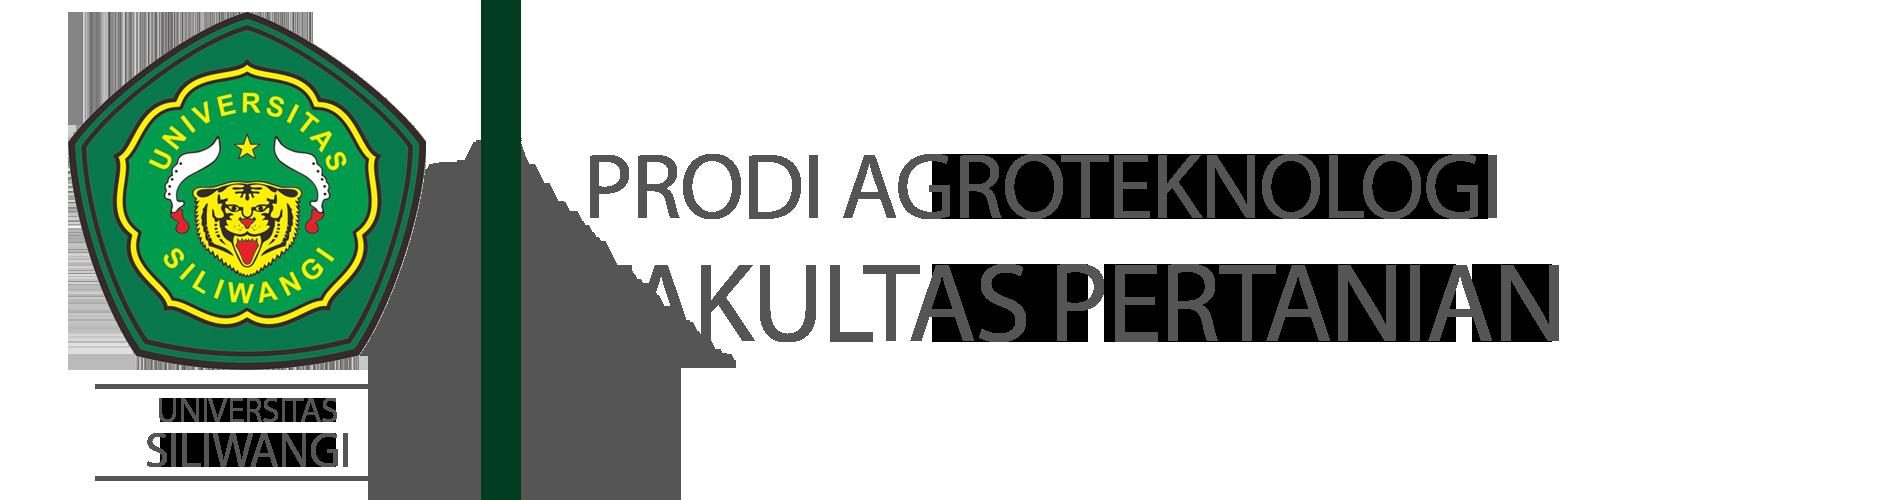 Kementerian Riset, Teknologi dan Pendidikan Tinggi Prodi Agroteknologi | Universitas Siliwangi